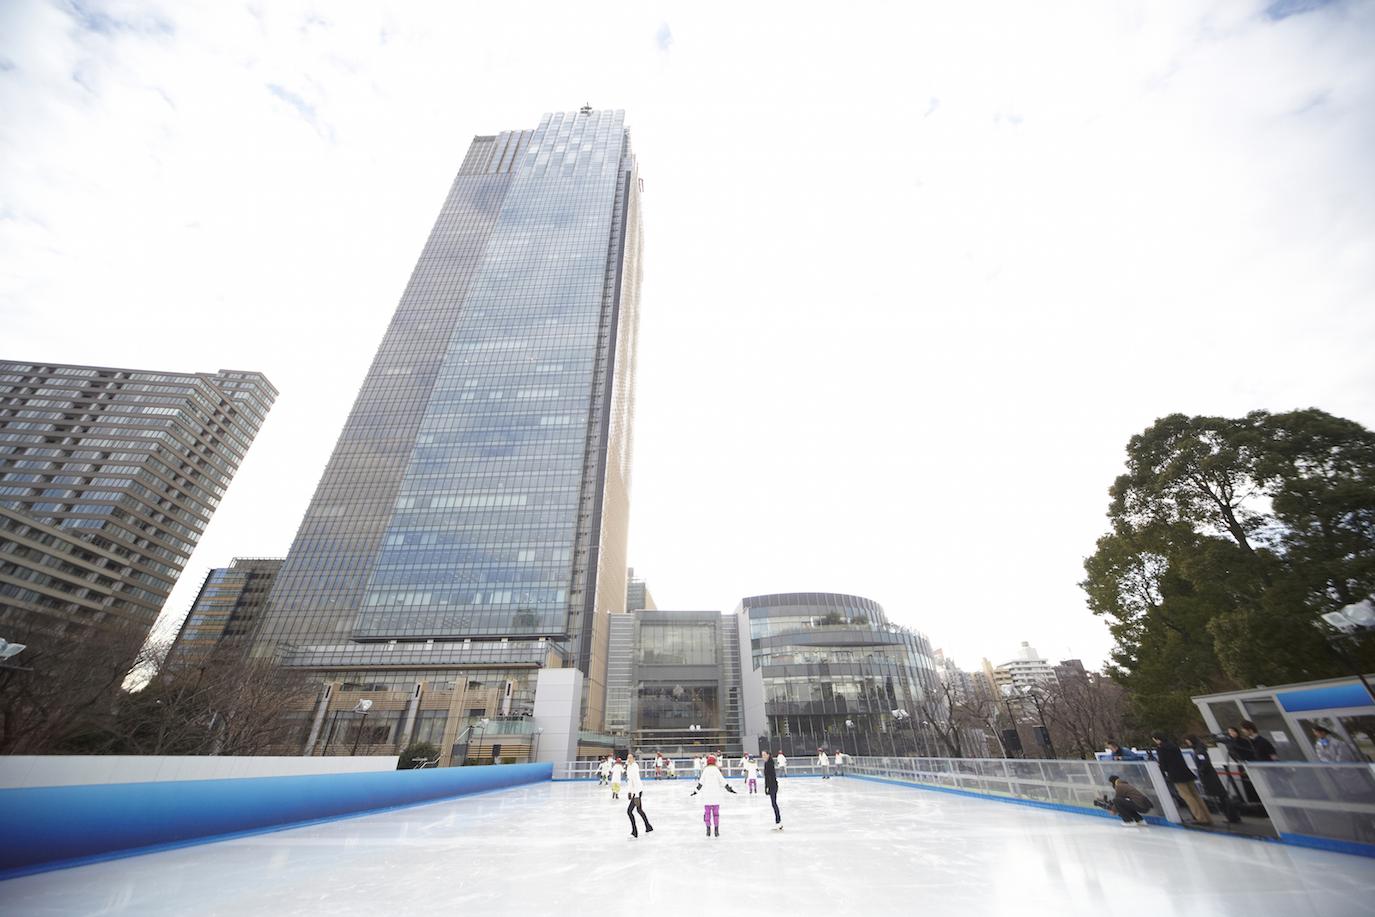 都会の真ん中でスケートを楽しもう♬ 『東京ミッドタウン』のアイスリンクが今年も登場☆_1